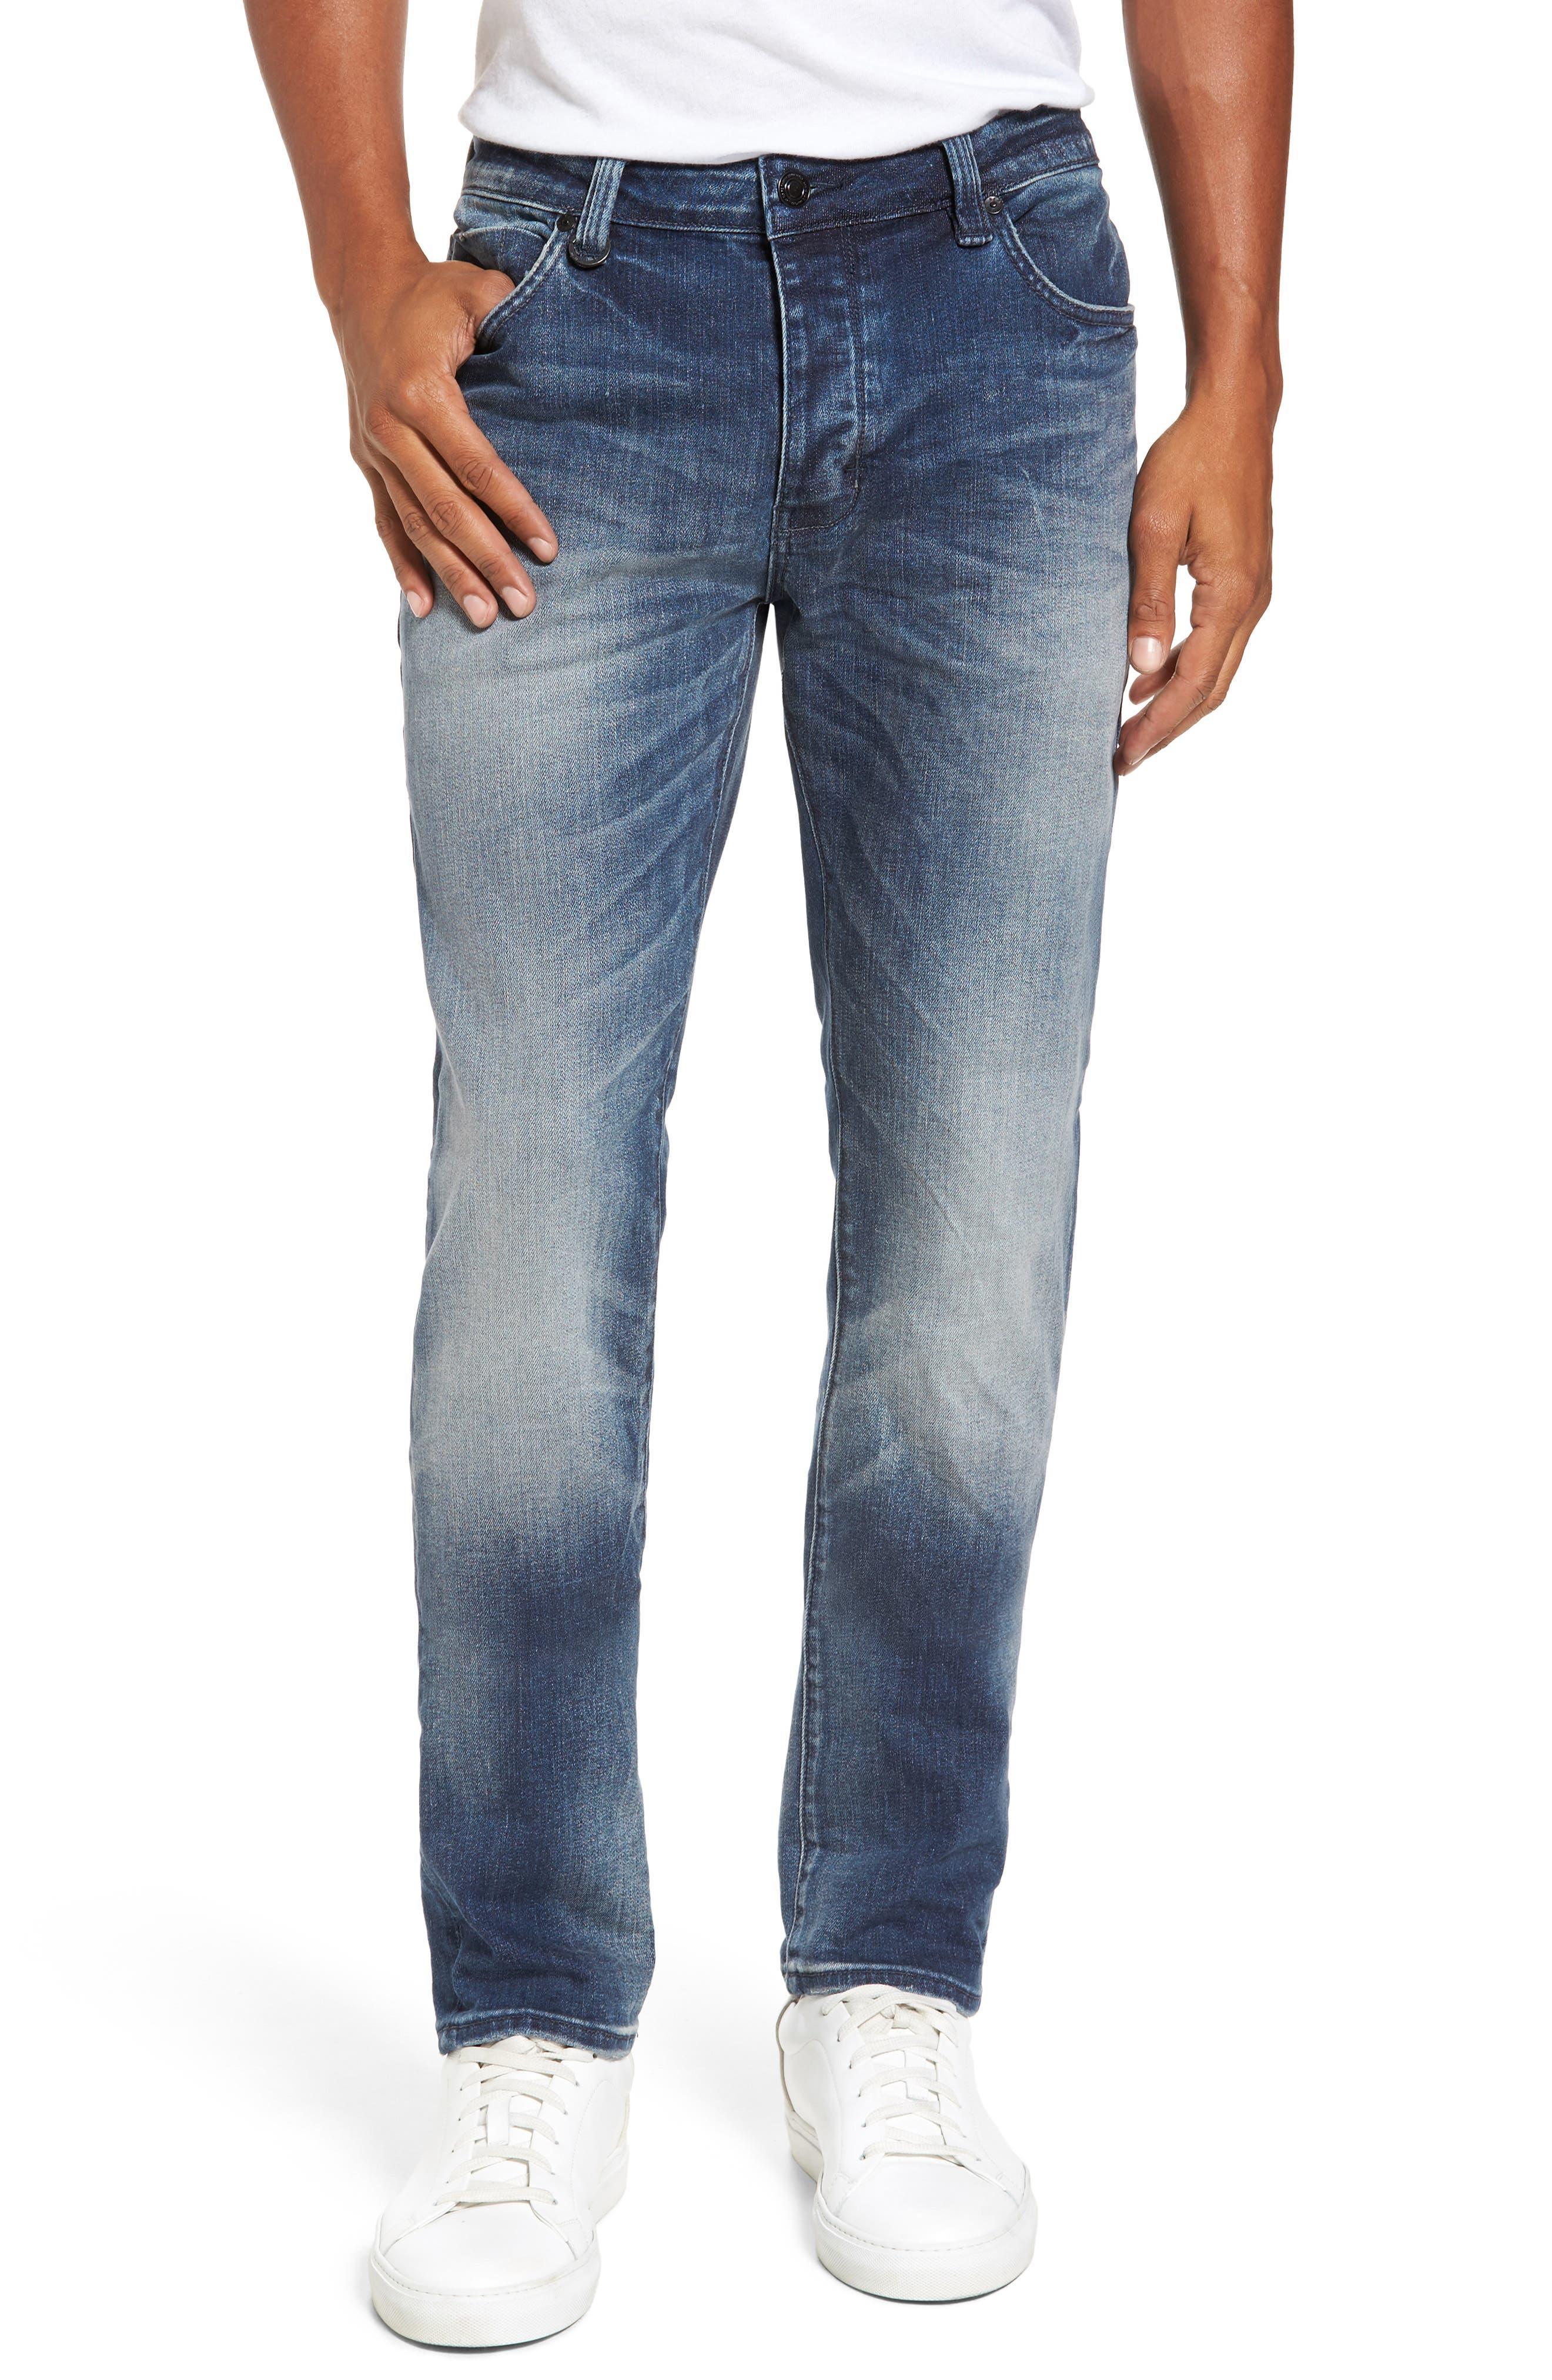 Lou Slim Fit Jeans,                         Main,                         color, 403